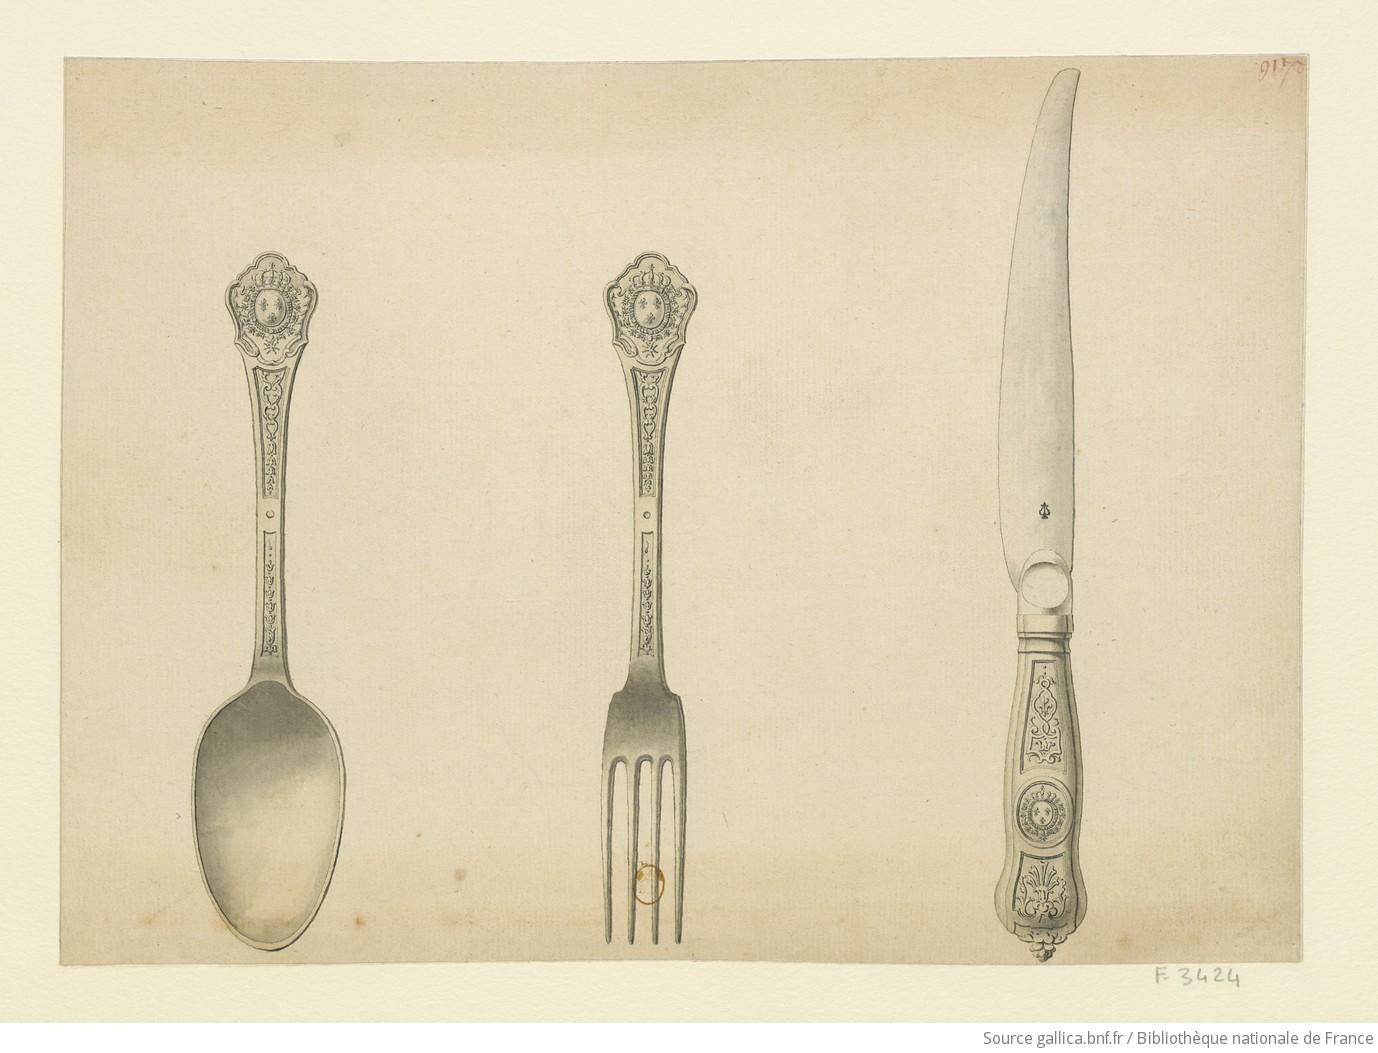 [Cuiller, fourchette et couteau du Roi] : [dessin] / [Nicolas Delaunay] - 1